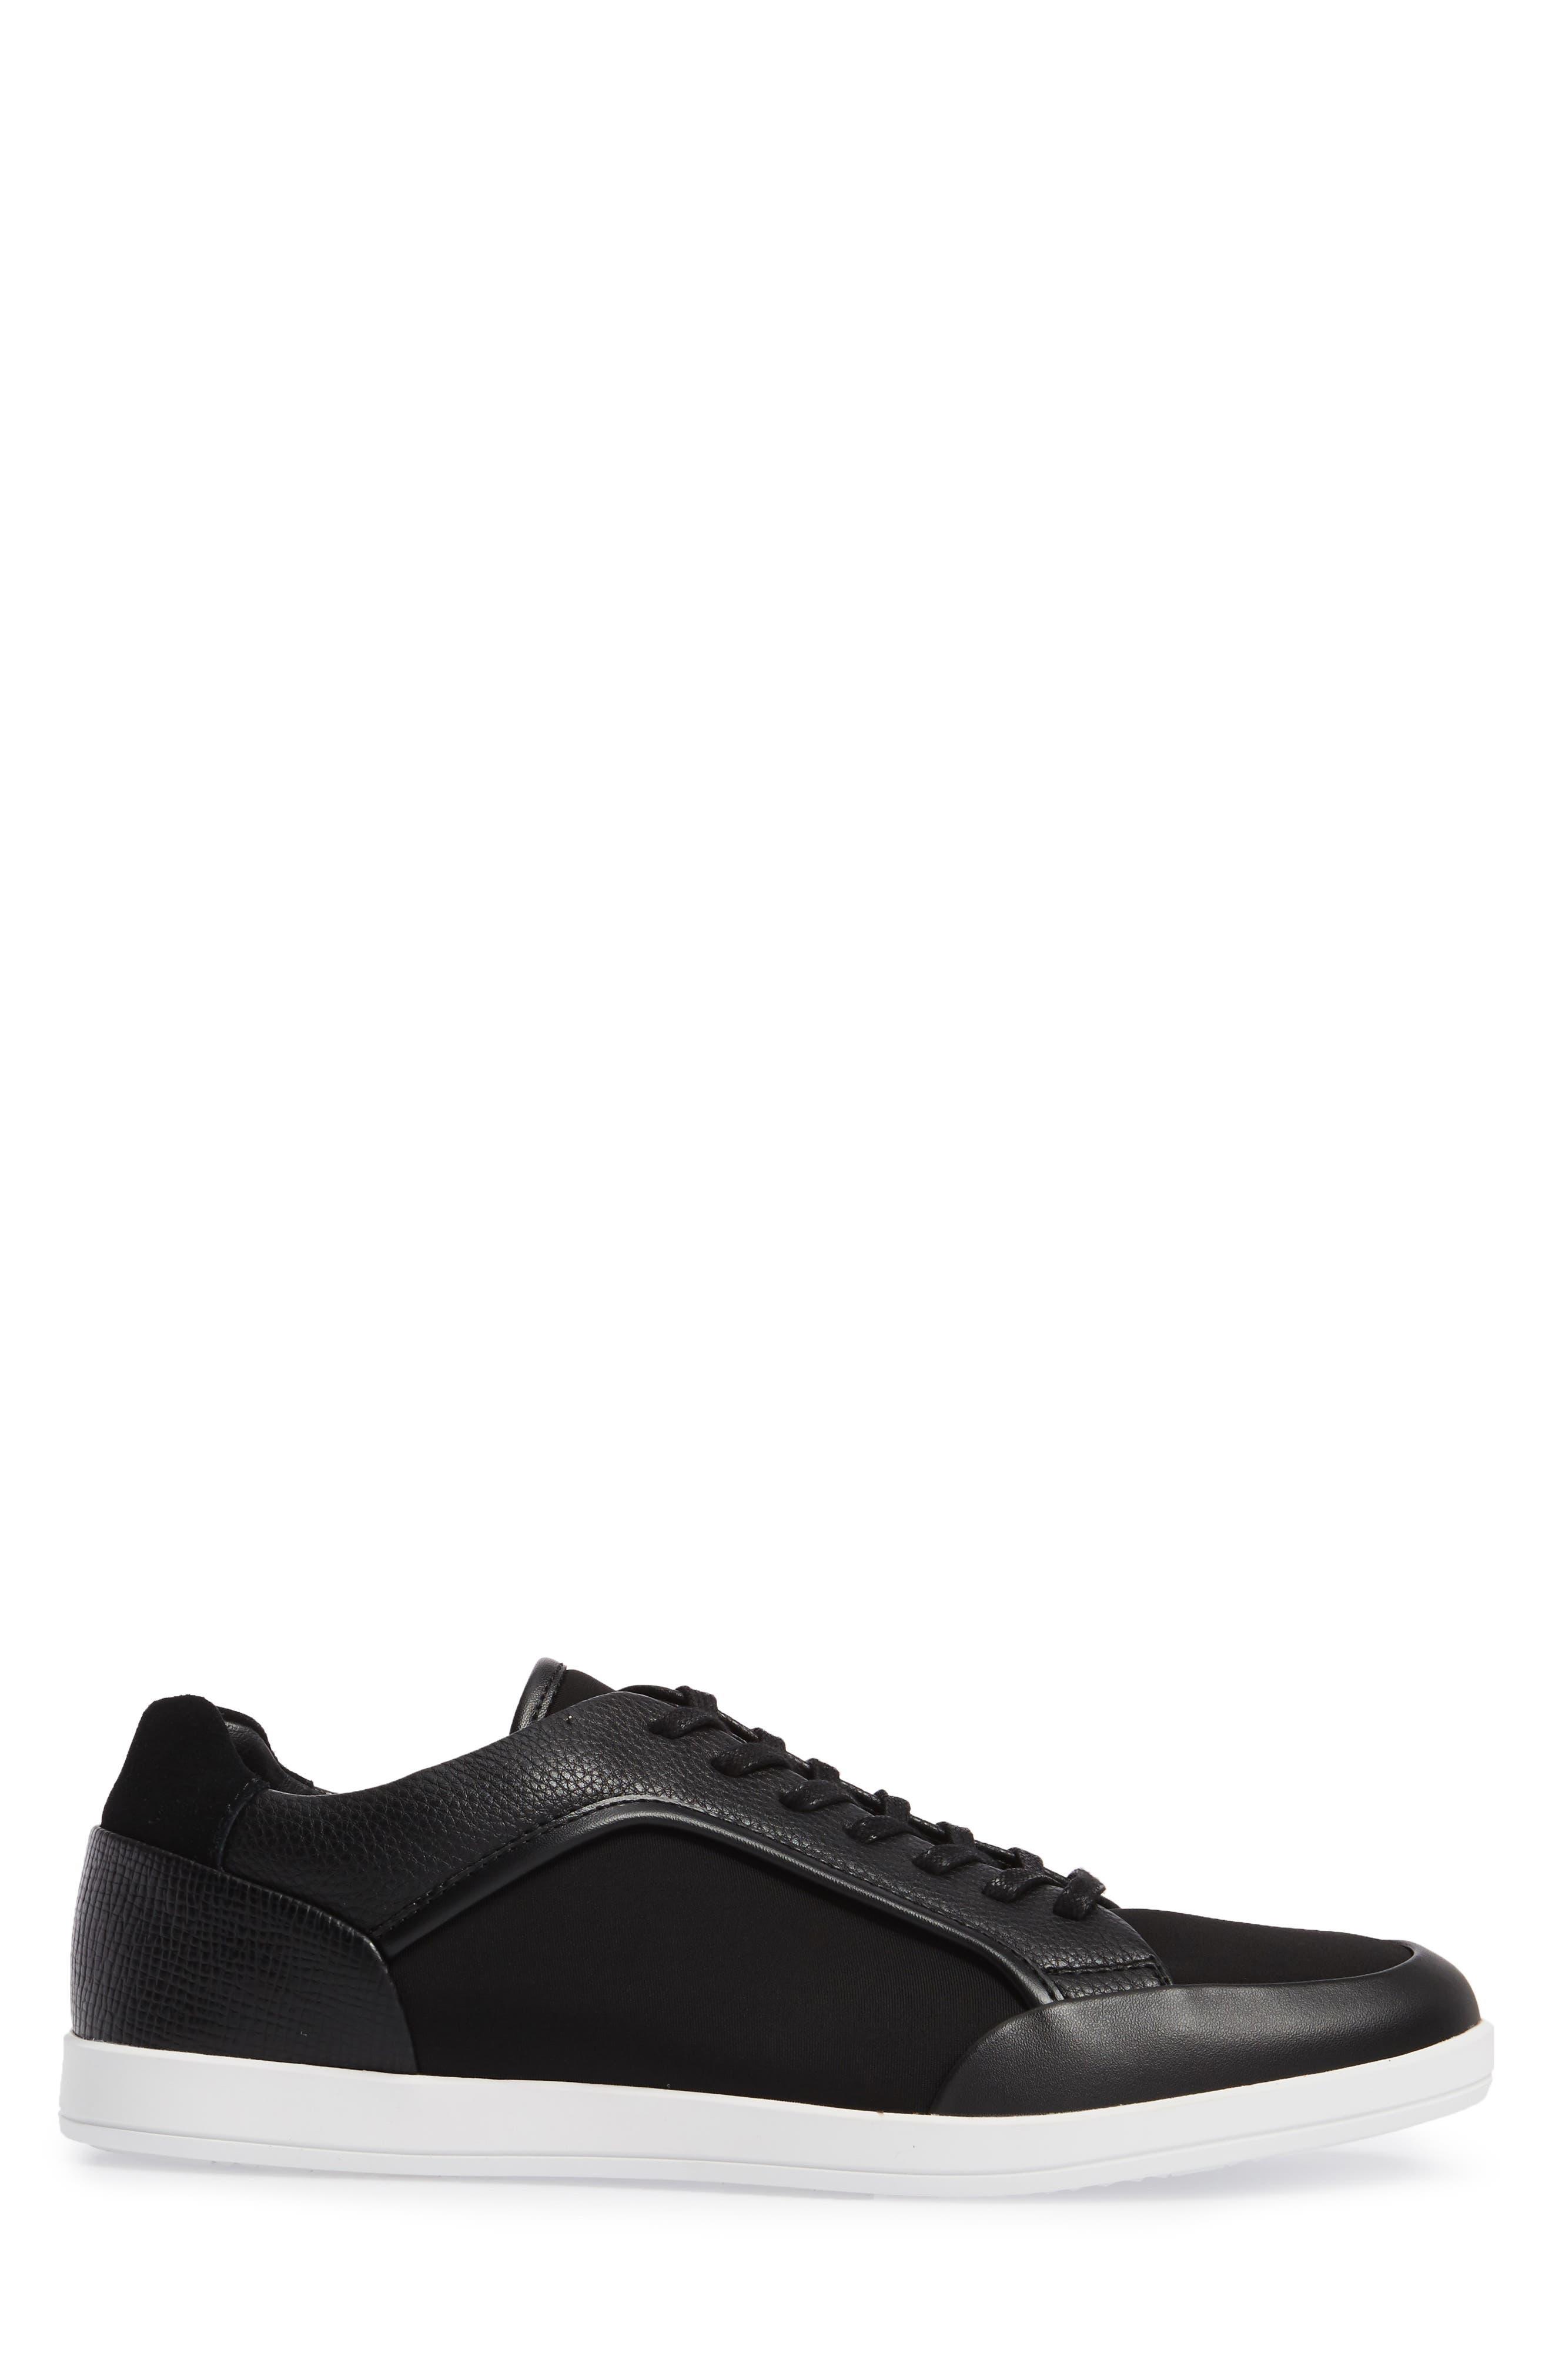 Masen Sneaker,                             Alternate thumbnail 3, color,                             001